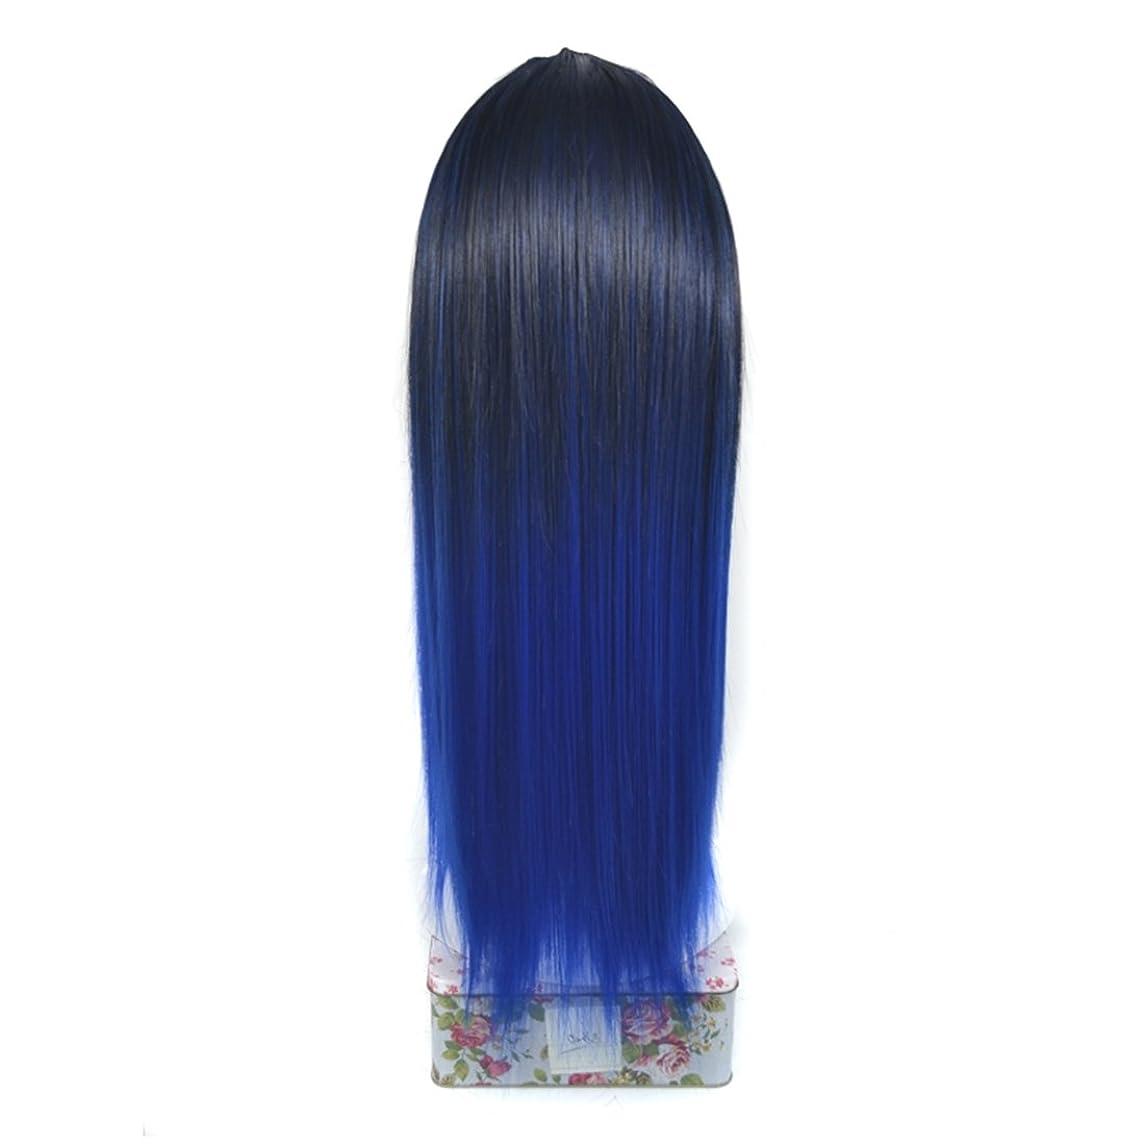 天窓然とした賭けBOBIDYEE ノンマーキングケミカルファイバーヘアーエクステンションリアルなロングストレートウィッグハーフヘッドカバーロング65cmとマルチカラー選択のためのU字型ハーフヘッドヘアピースロールプレイングウィッグ (色 : Black gradient sapphire blue)